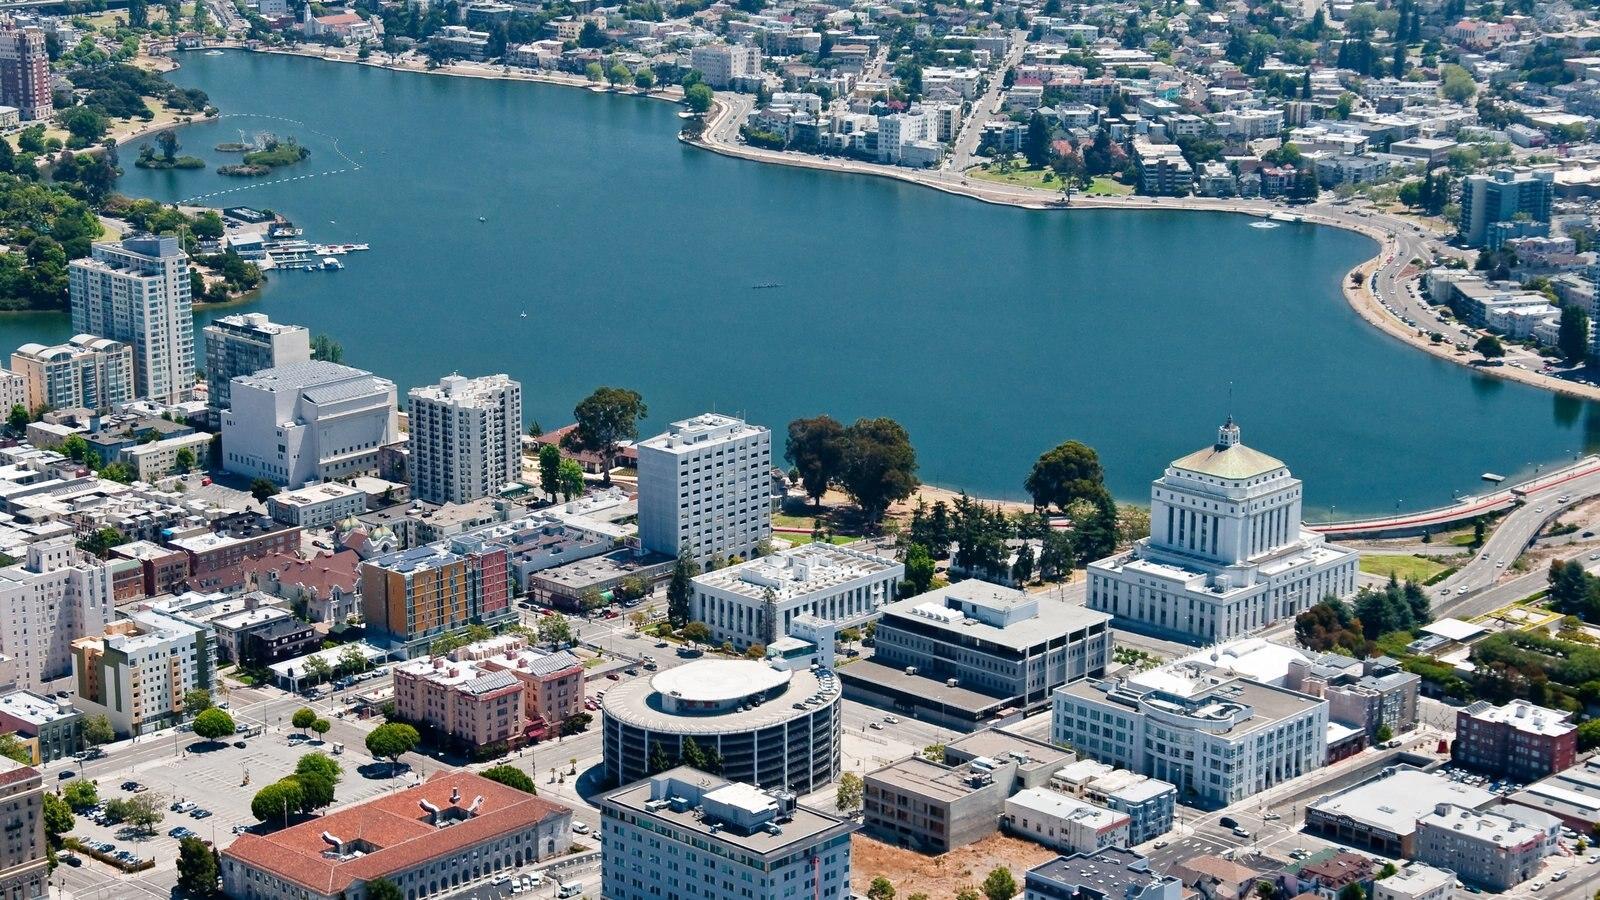 Oakland mostrando paisagens litorâneas, uma baía ou porto e uma cidade